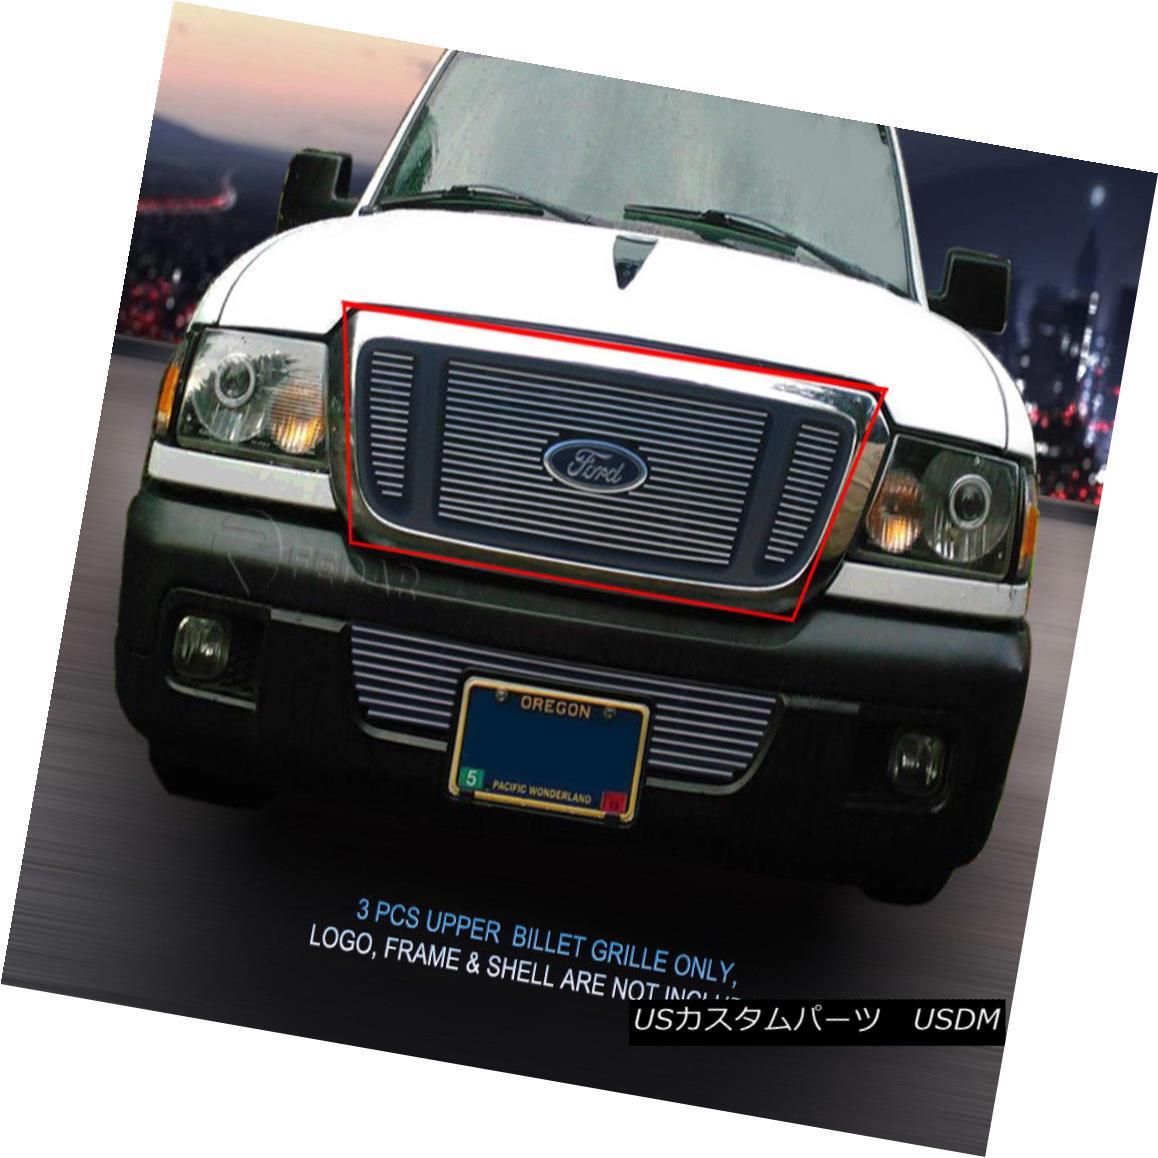 グリル 04-05 Ford Ranger Billet Grille Grill Upper Insert 3 Pcs Fedar 04-05フォードレンジャービレットグリルグリルアッパーインサート3個入りFedar